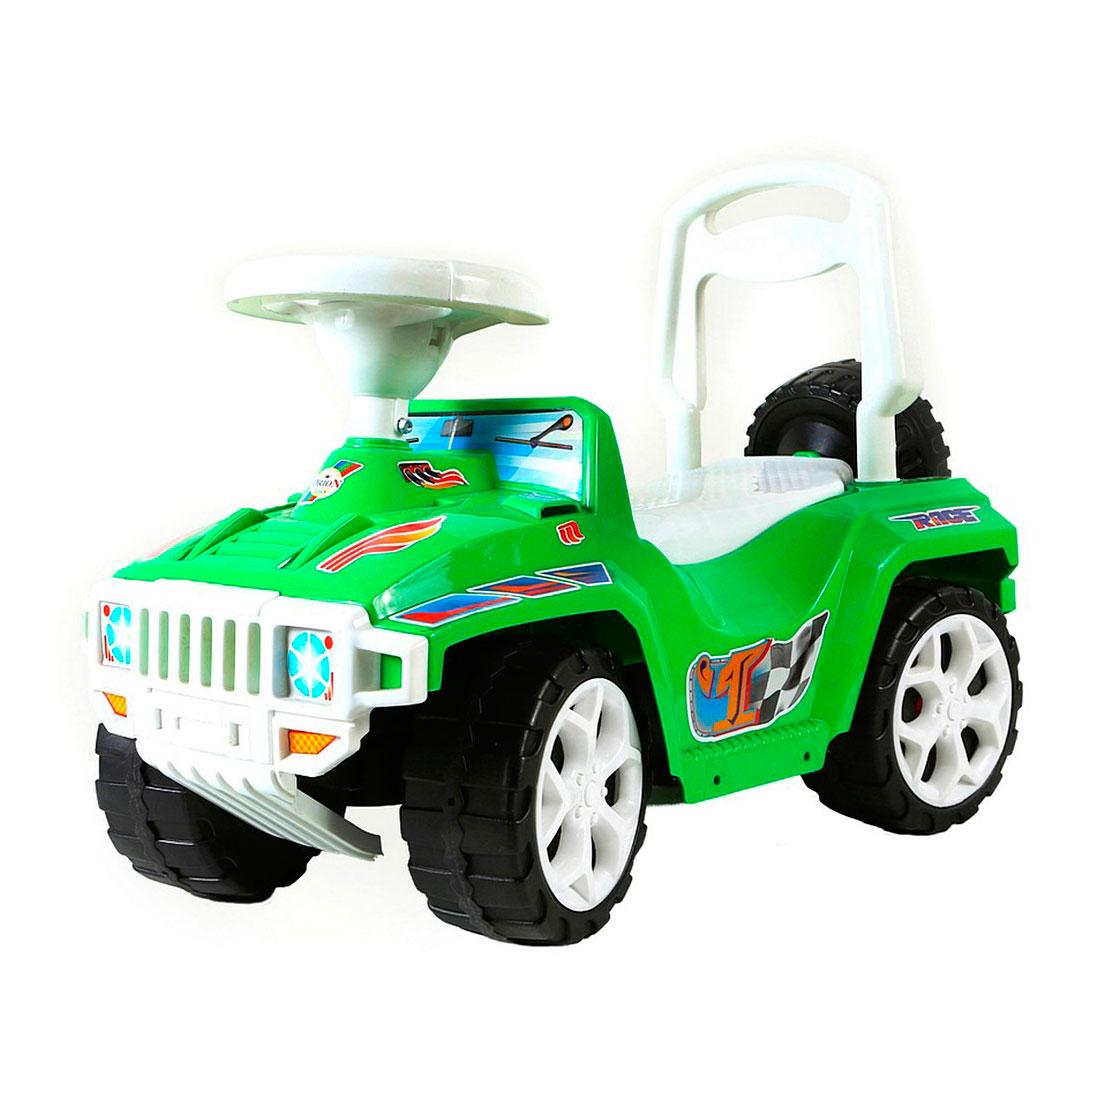 Каталка RT Race Mini ОР419 Formula 1 Зеленая